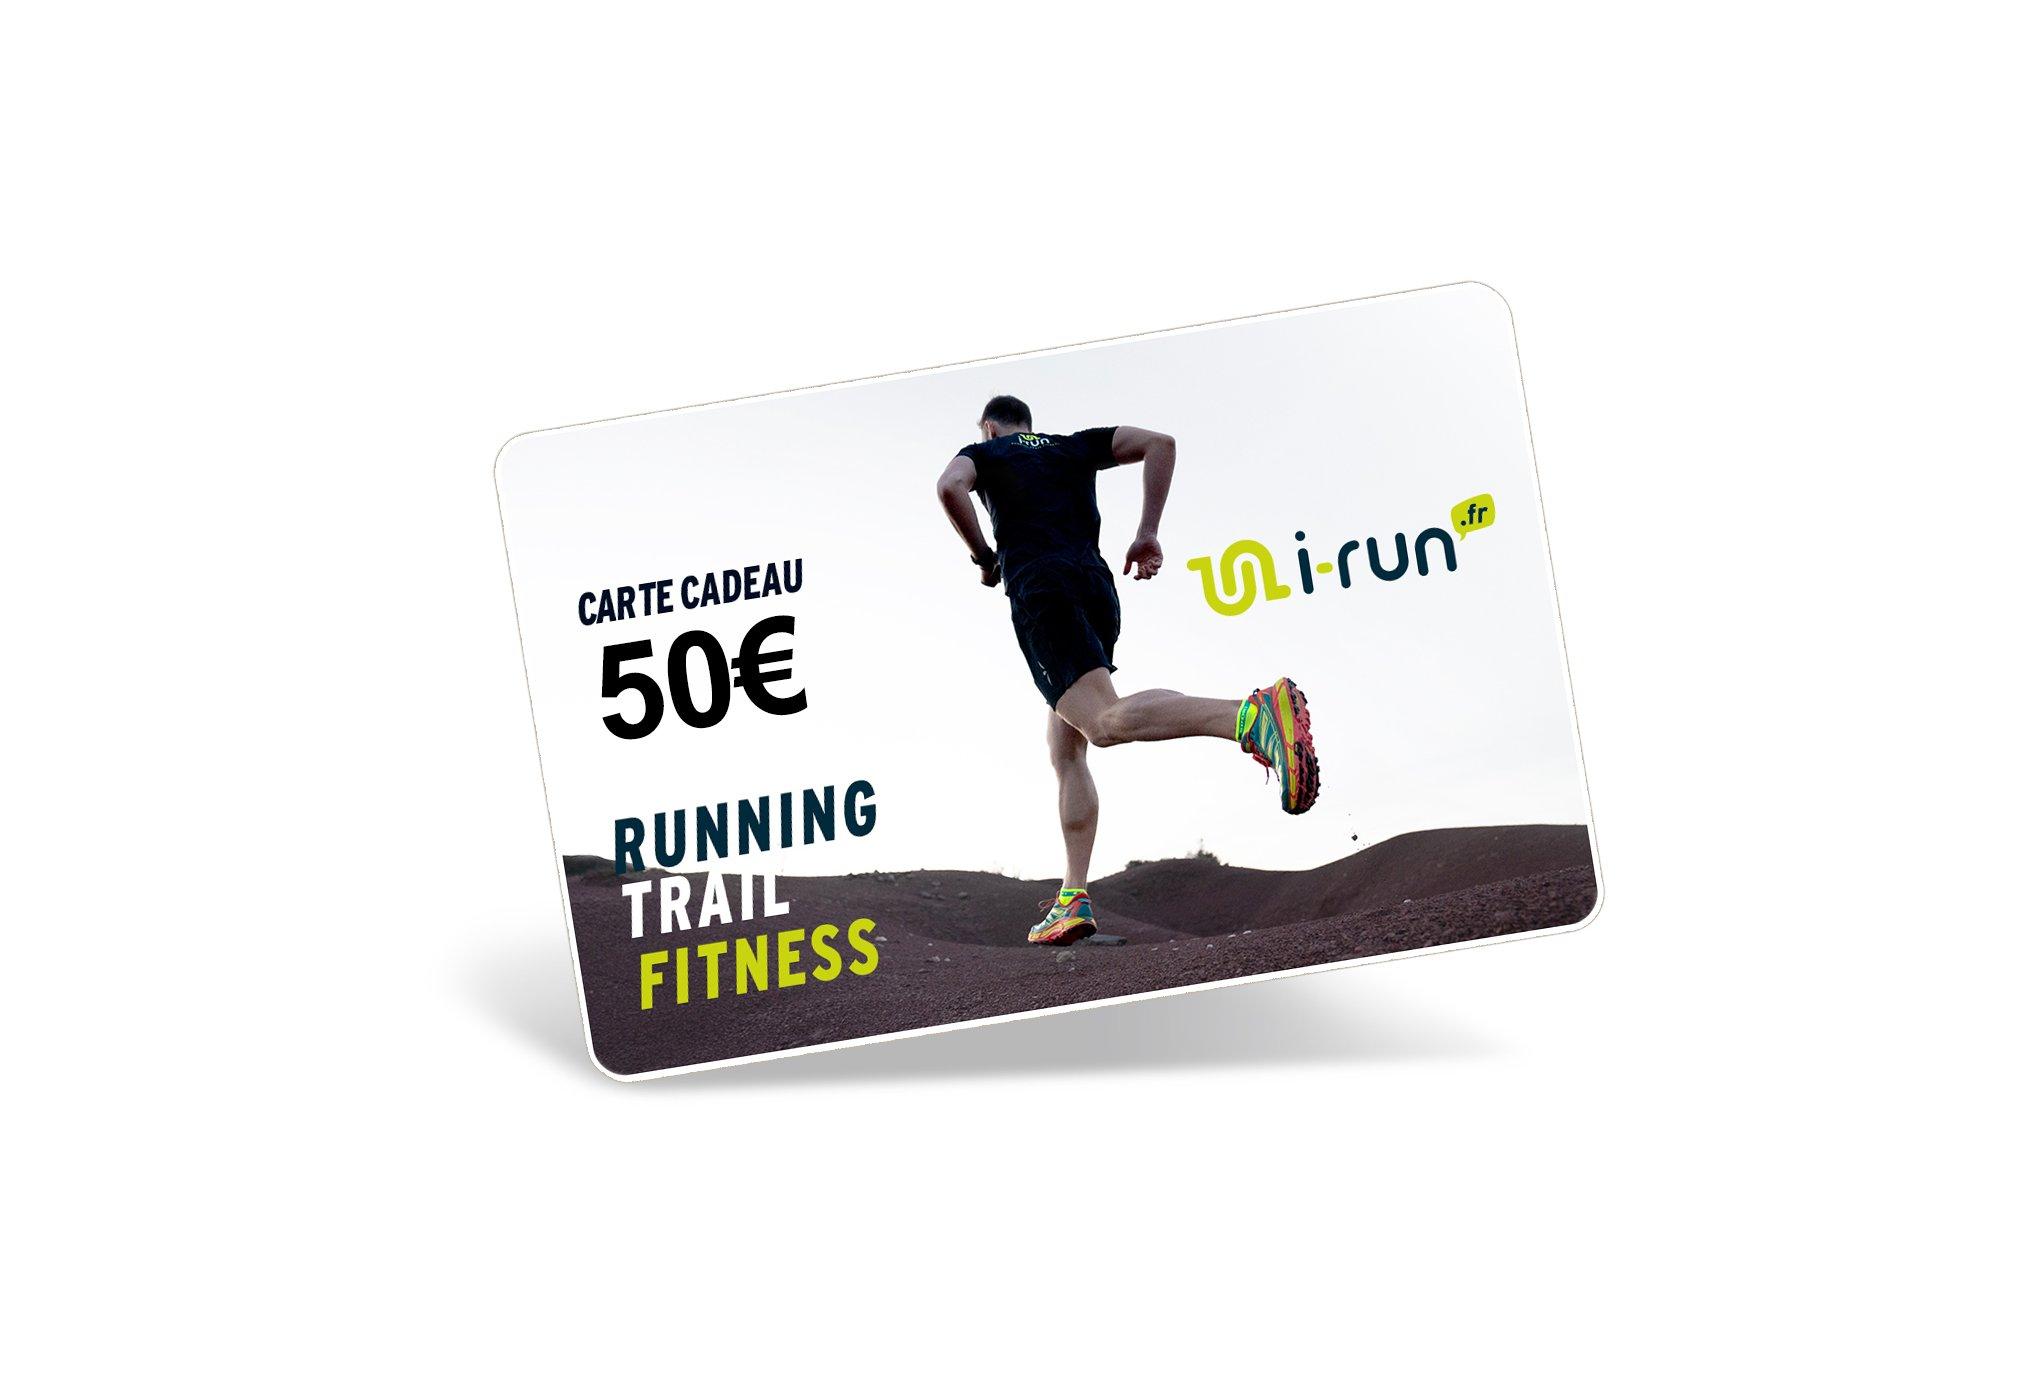 i-run.fr Carte Cadeau 50 M Cartes Cadeau